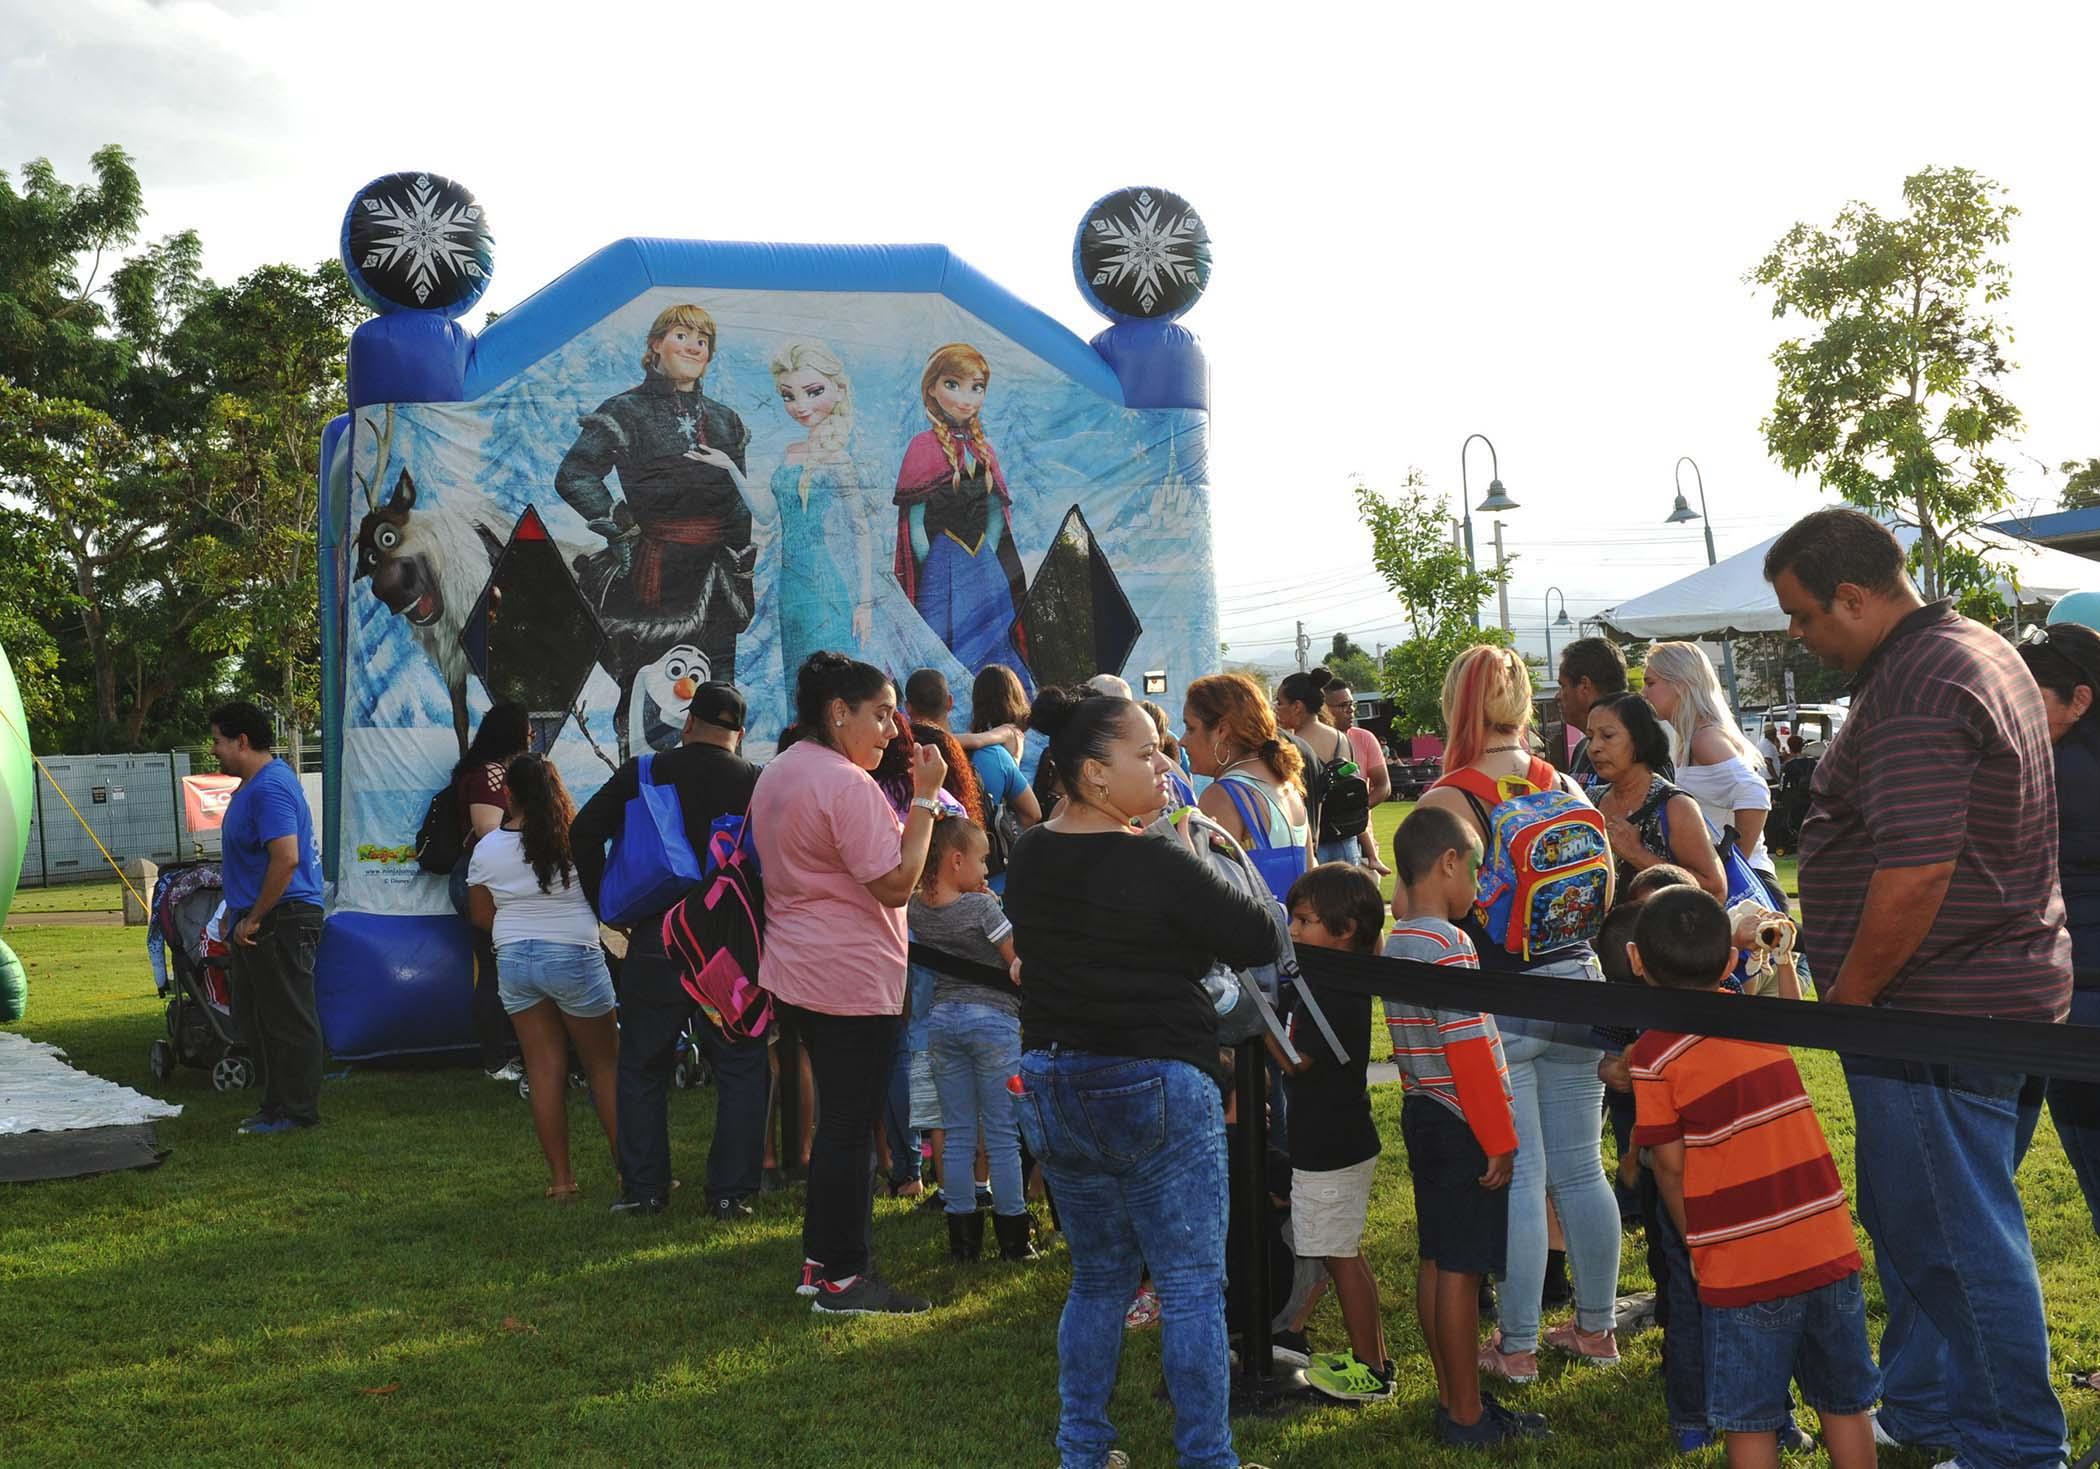 Juegos inflables para niños